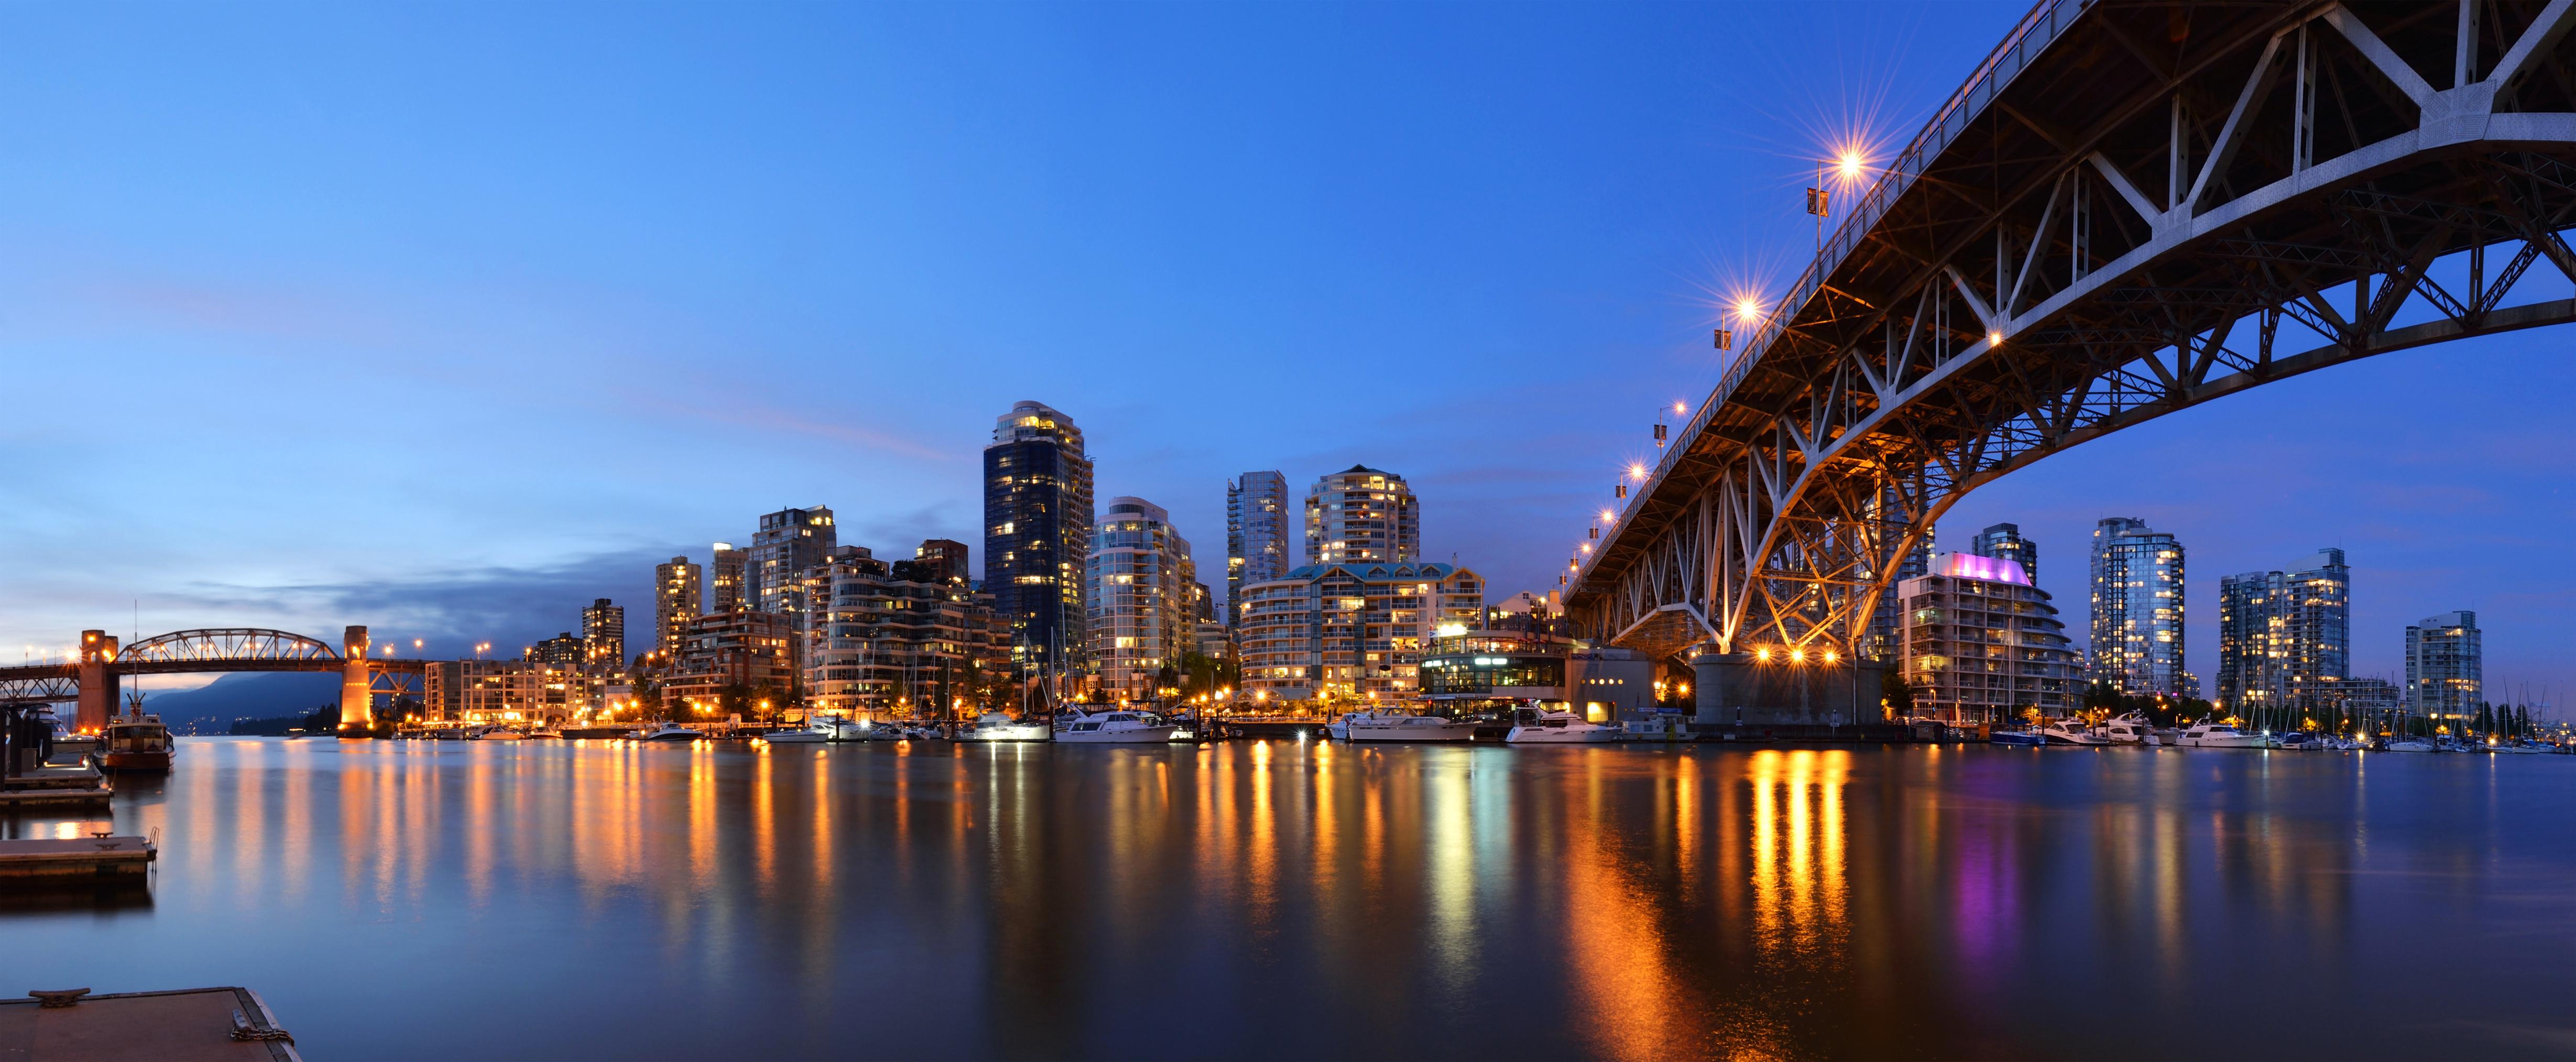 Granville Bridge and Downtown Vancouver  As 10 melhores cidades para se encontrar emprego no Canadá original 1 1